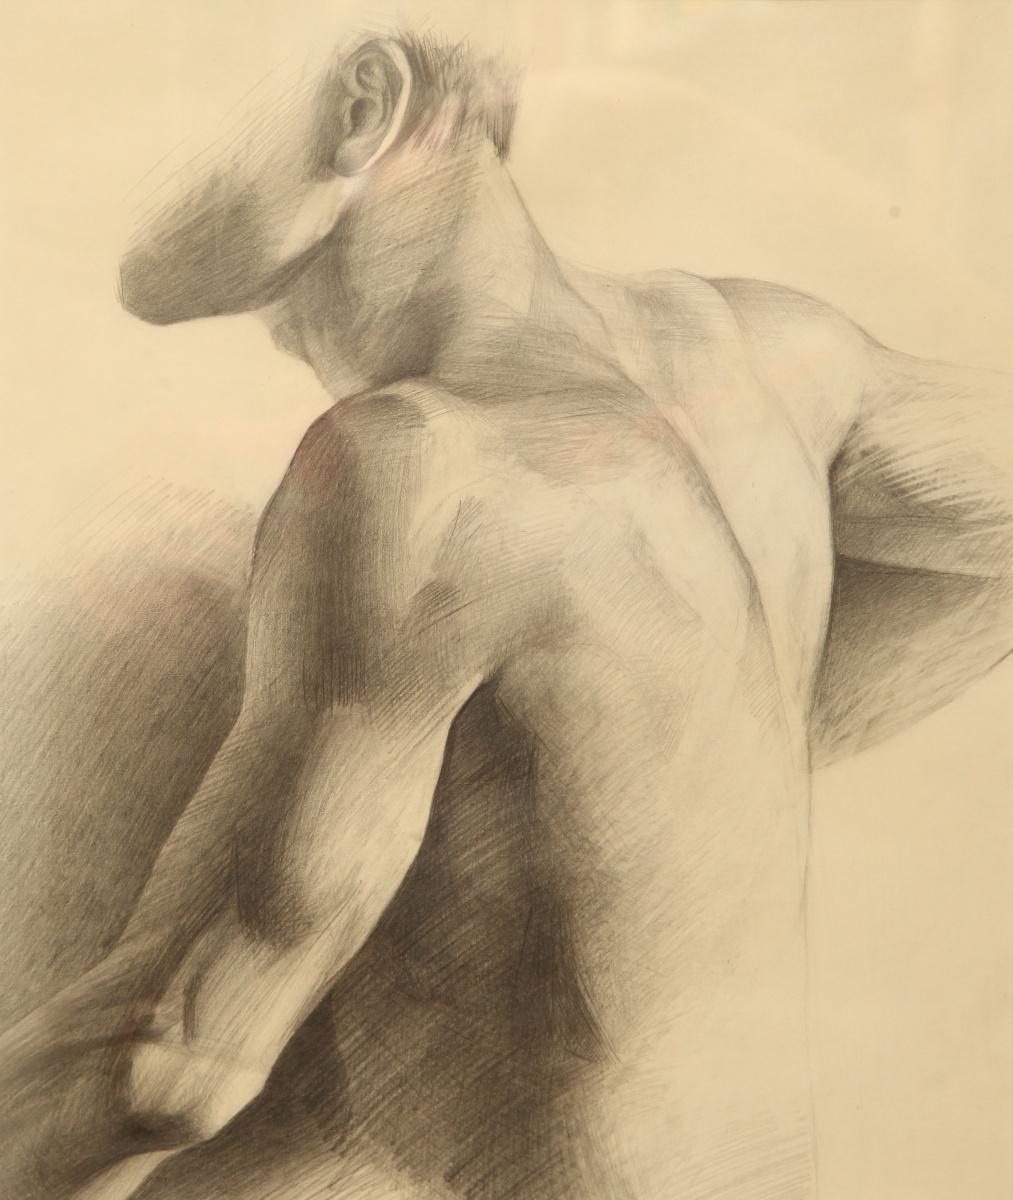 Сергей Георгиевич Леконцев. Muscle